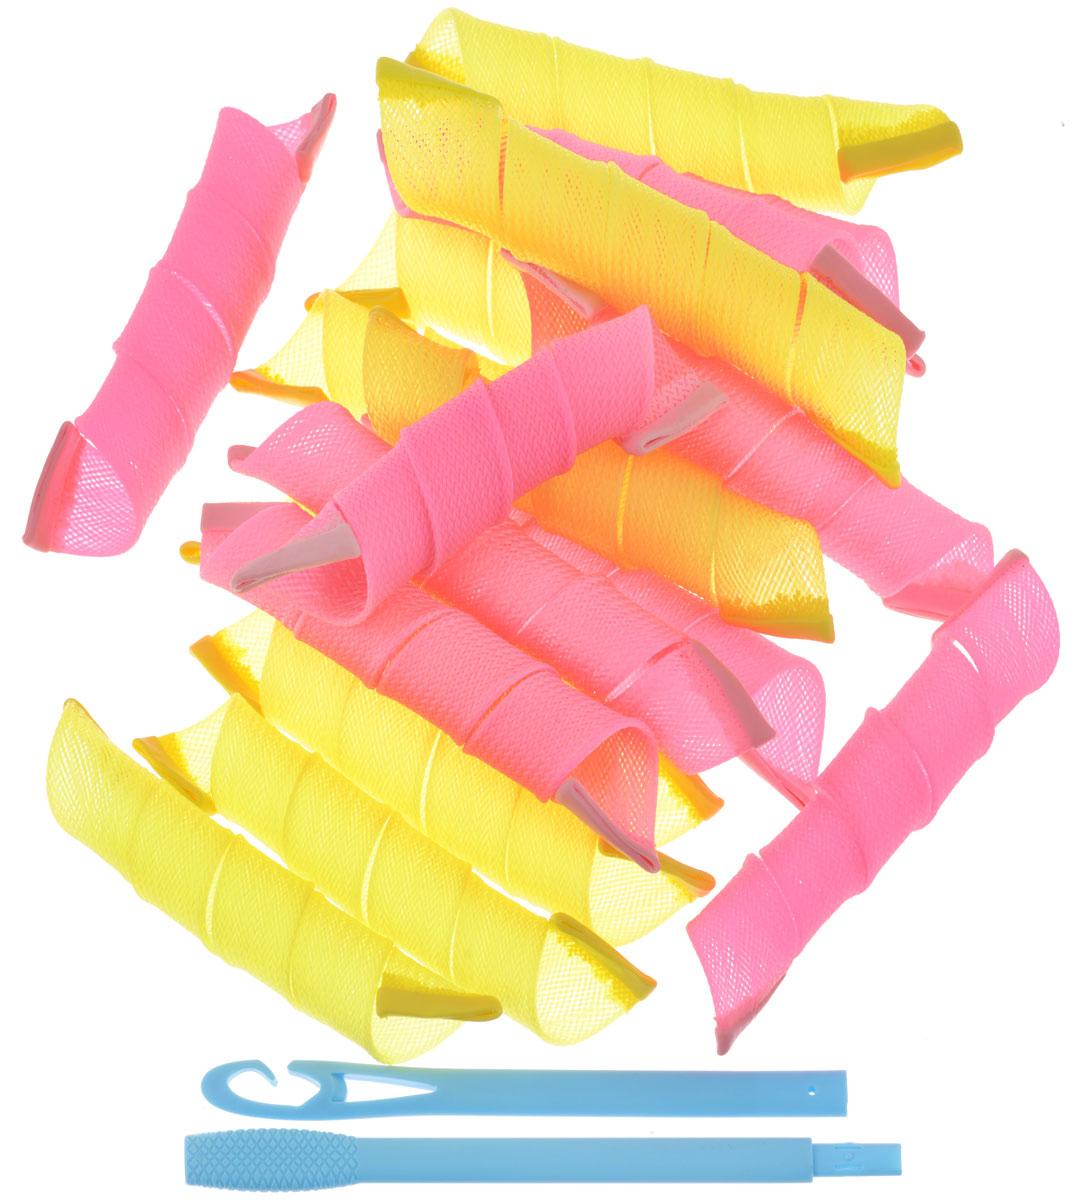 Curlformers Бигуди, 18 х 40 смК40В набор Curlformers входят 18 бигуди, крючок и текстильная косметичка на молнии, оформленная стеганным узором. Внутри нее есть два кармашка для всяких мелочей, вшитый карман на молнии и небольшое зеркало. Набор бигуди предназначен для создания мелких кудряшек, локонов и волн, а также придания дополнительного объема. Бигуди произведены из мягкого полимерного материала, и в них можно спать. Curlformers выполнены из мягкого пластика с силиконовыми наконечниками, что позволяет им служить долго, подходят для кончиков и на длинные волосы, а также на каскадную стрижку. Ваша прическа зависит только от вашей фантазии и настроения! Преимущества волшебных бигуди Curlformers: Создают большой объем. Удобны и легки в использовании. Справится даже ребенок! Подходят как для коротких, так и для длинных волос. Позволяют легко контролировать направление и равномерность укладки без заломов. Обеспечивают бережное отношение к волосам. Смена имиджа за...